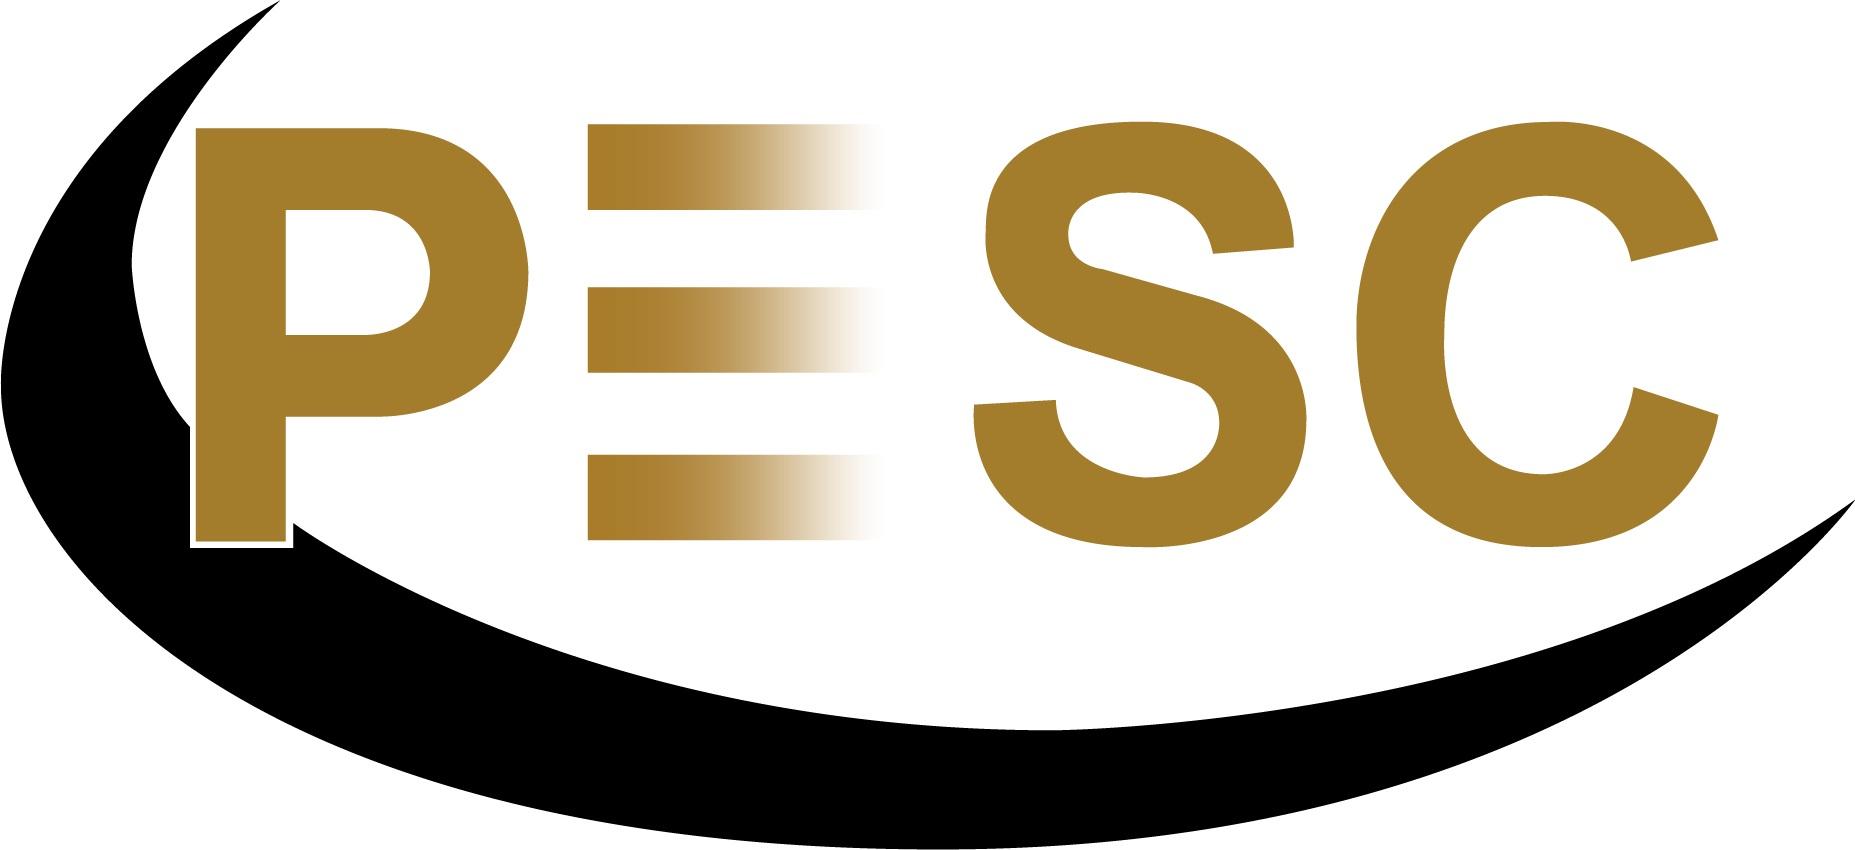 PESC_logo-b%26g.jpg